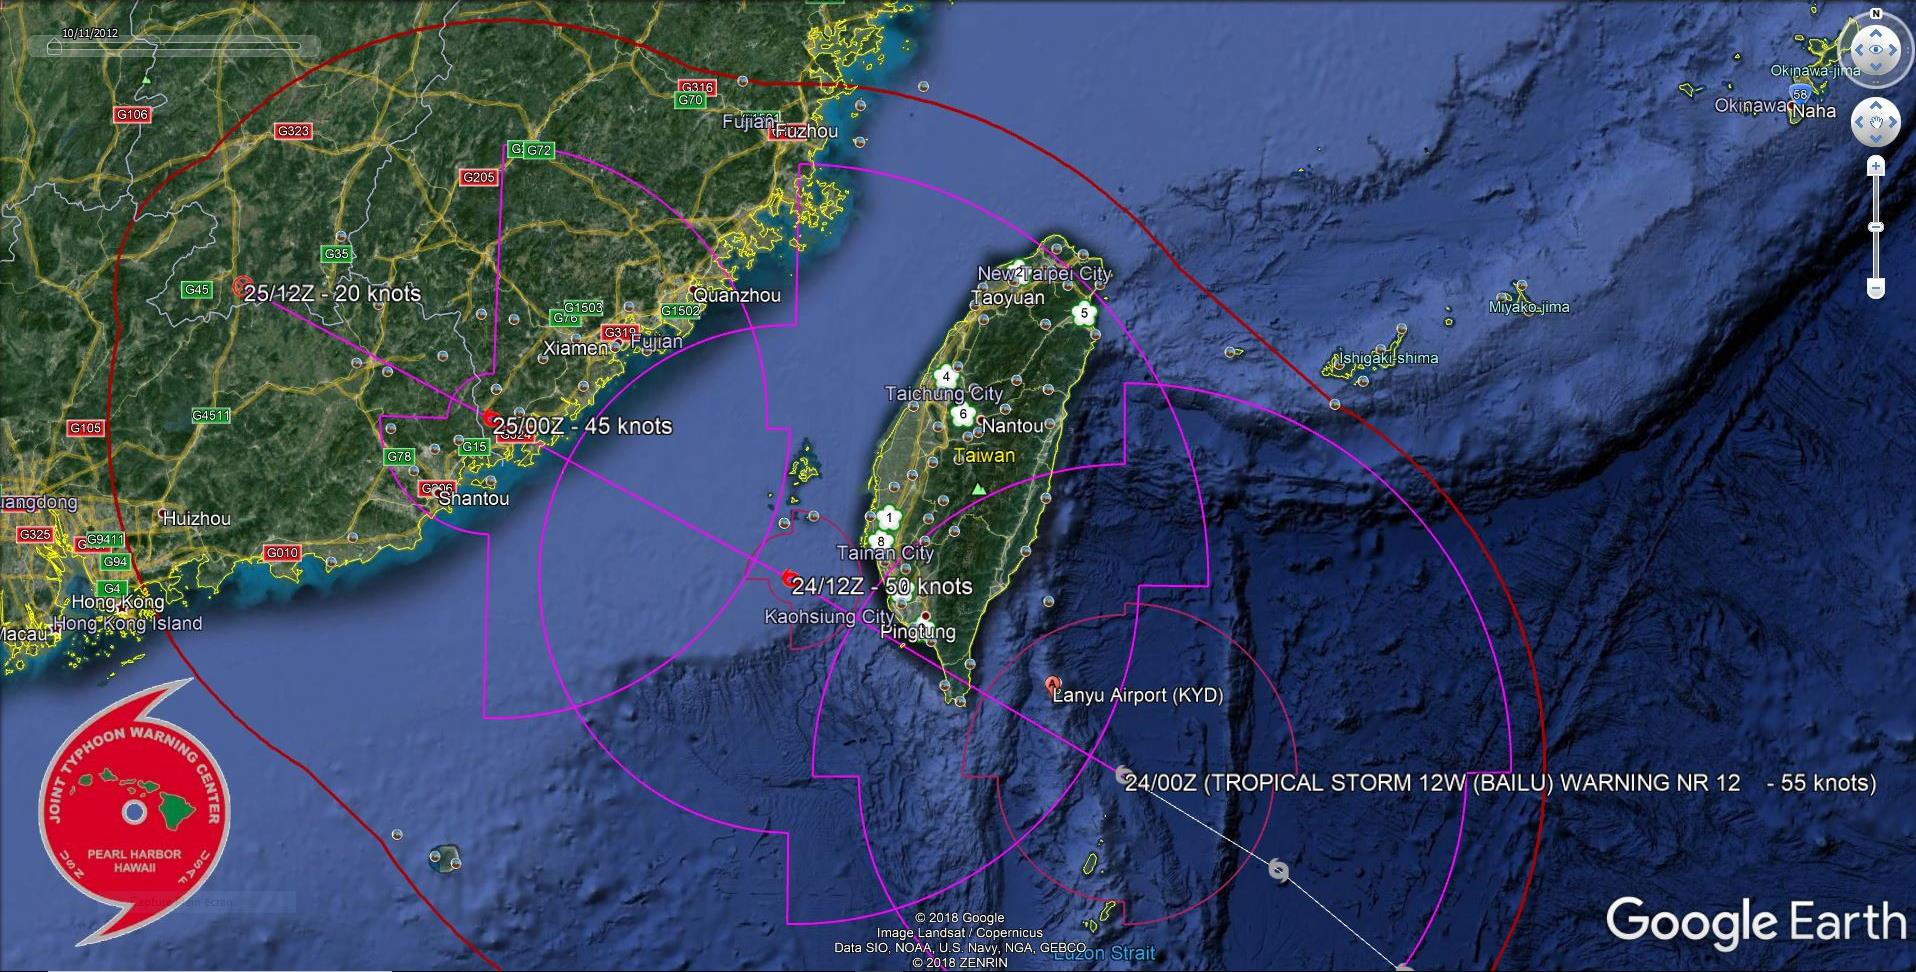 TS Bailu(12W) 85km to Lanyu island, landfall in China shortly before 24h